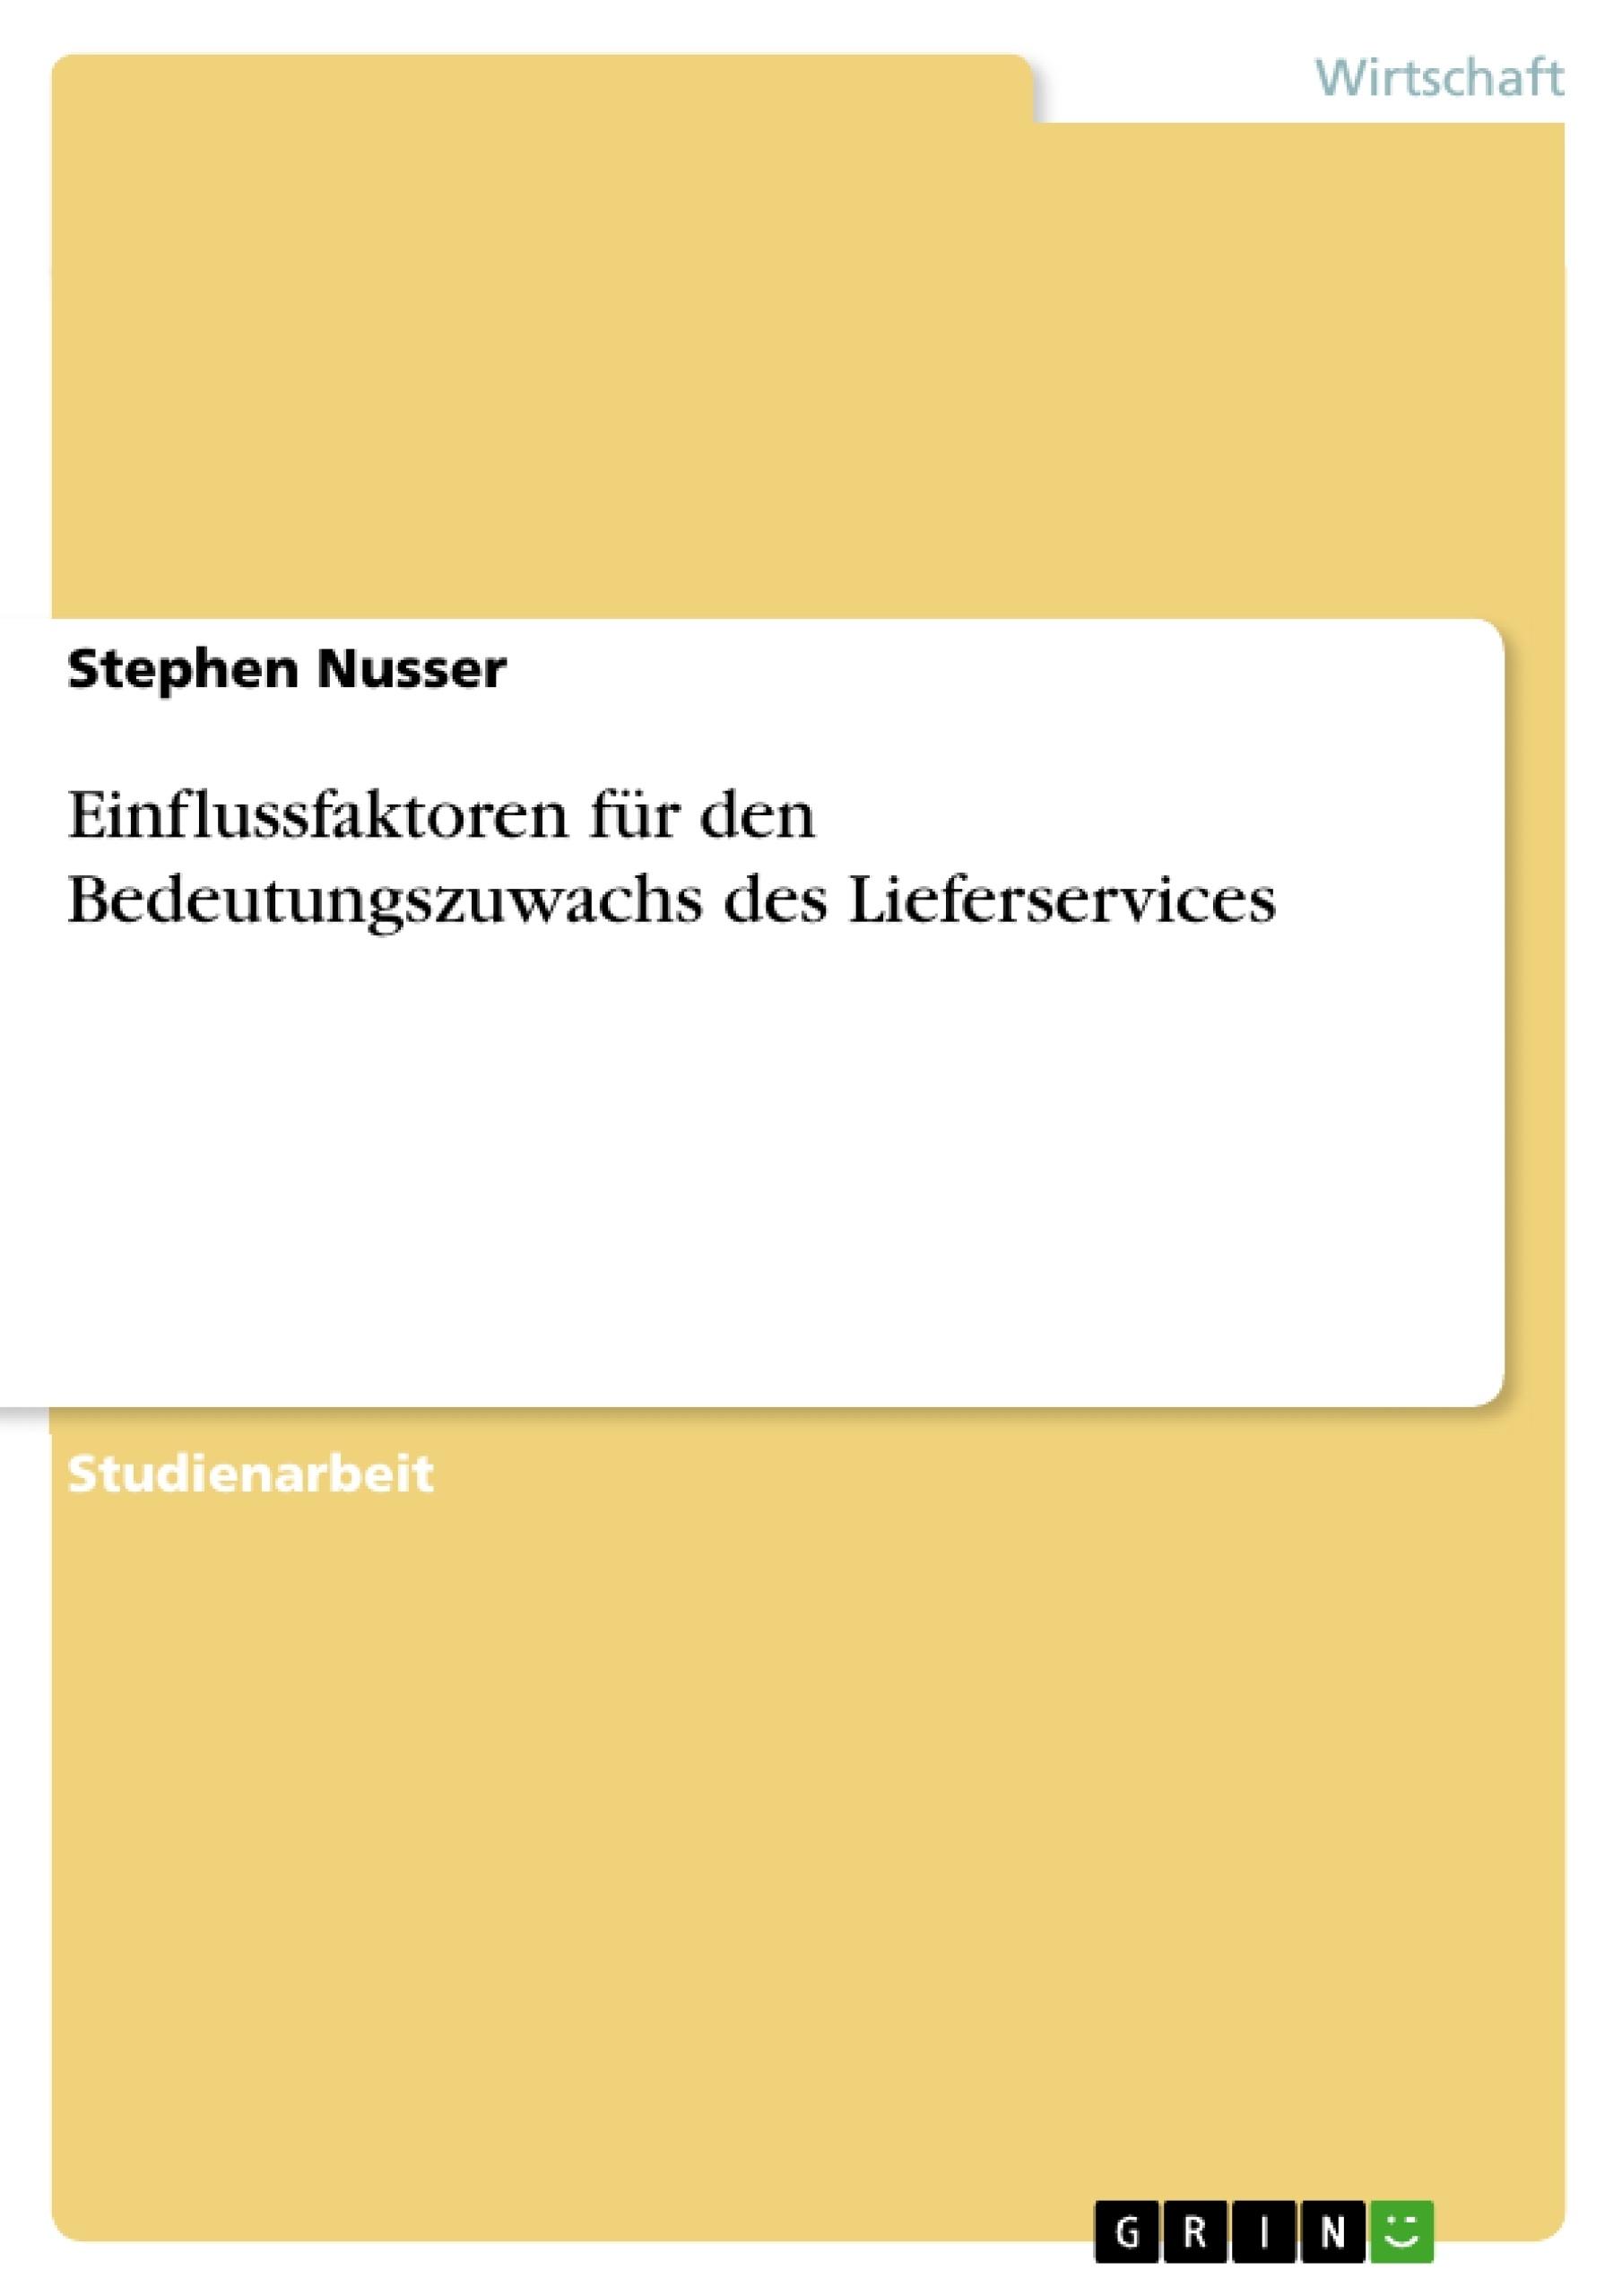 Titel: Einflussfaktoren für den Bedeutungszuwachs des Lieferservices